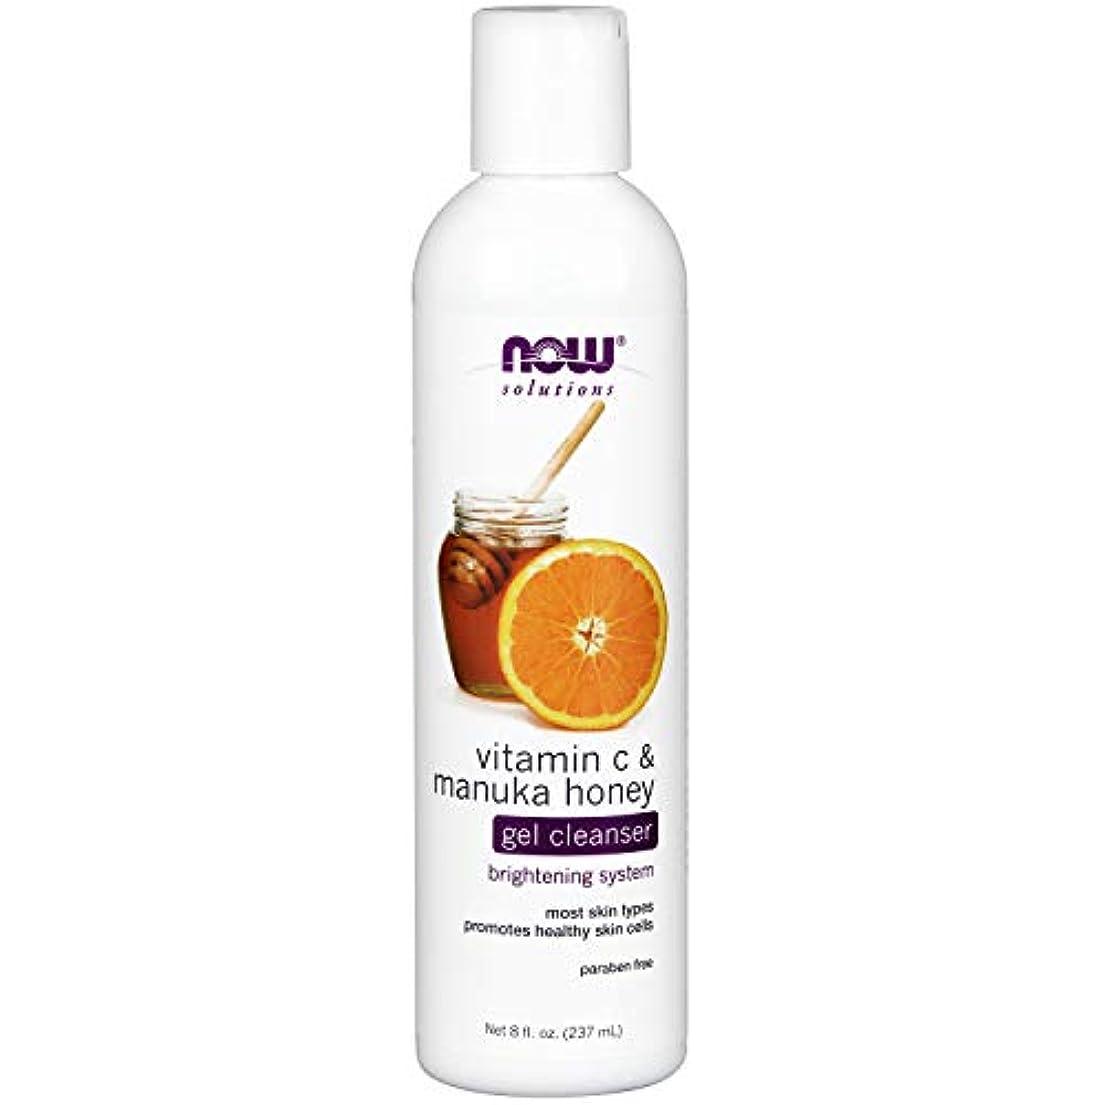 教科書物質全体にNOW Vitamin C & Manuka Honey Gel Cleanser - 8 fl. oz. ビタミンC&マヌカハニー配合のジェルタイプ洗顔 ~海外直送品~